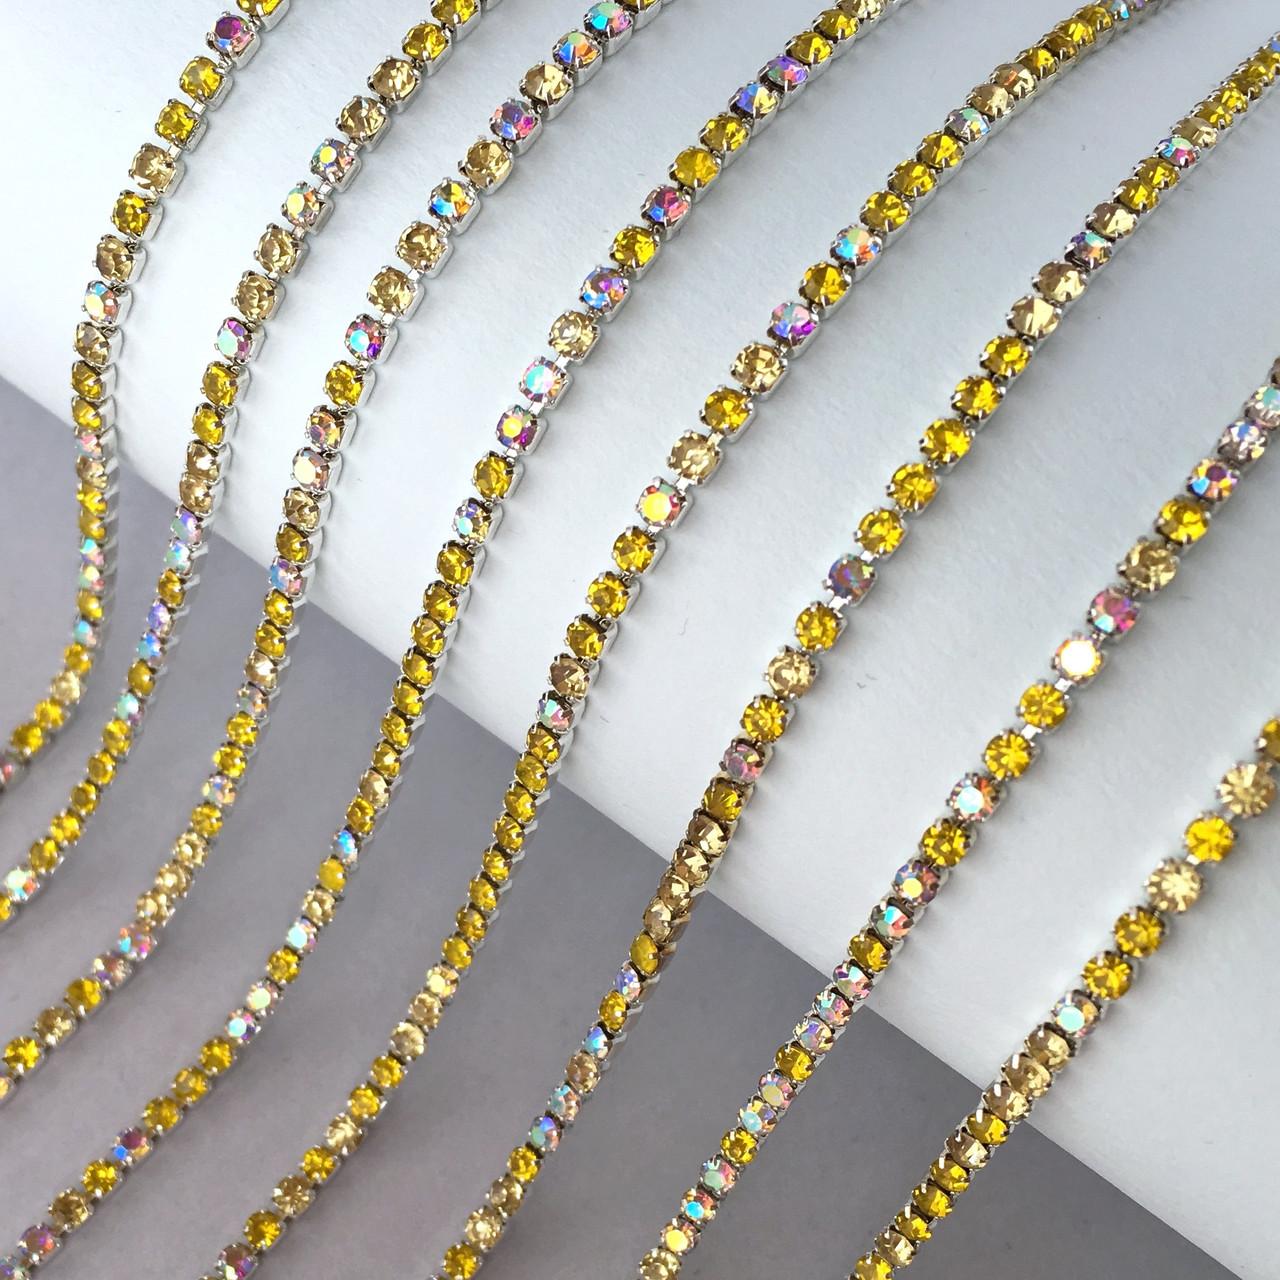 Стразовая цепь ss6 (2 мм). База: серебро. Цвет: Мультиколор - Желтый и прозрачный АВ